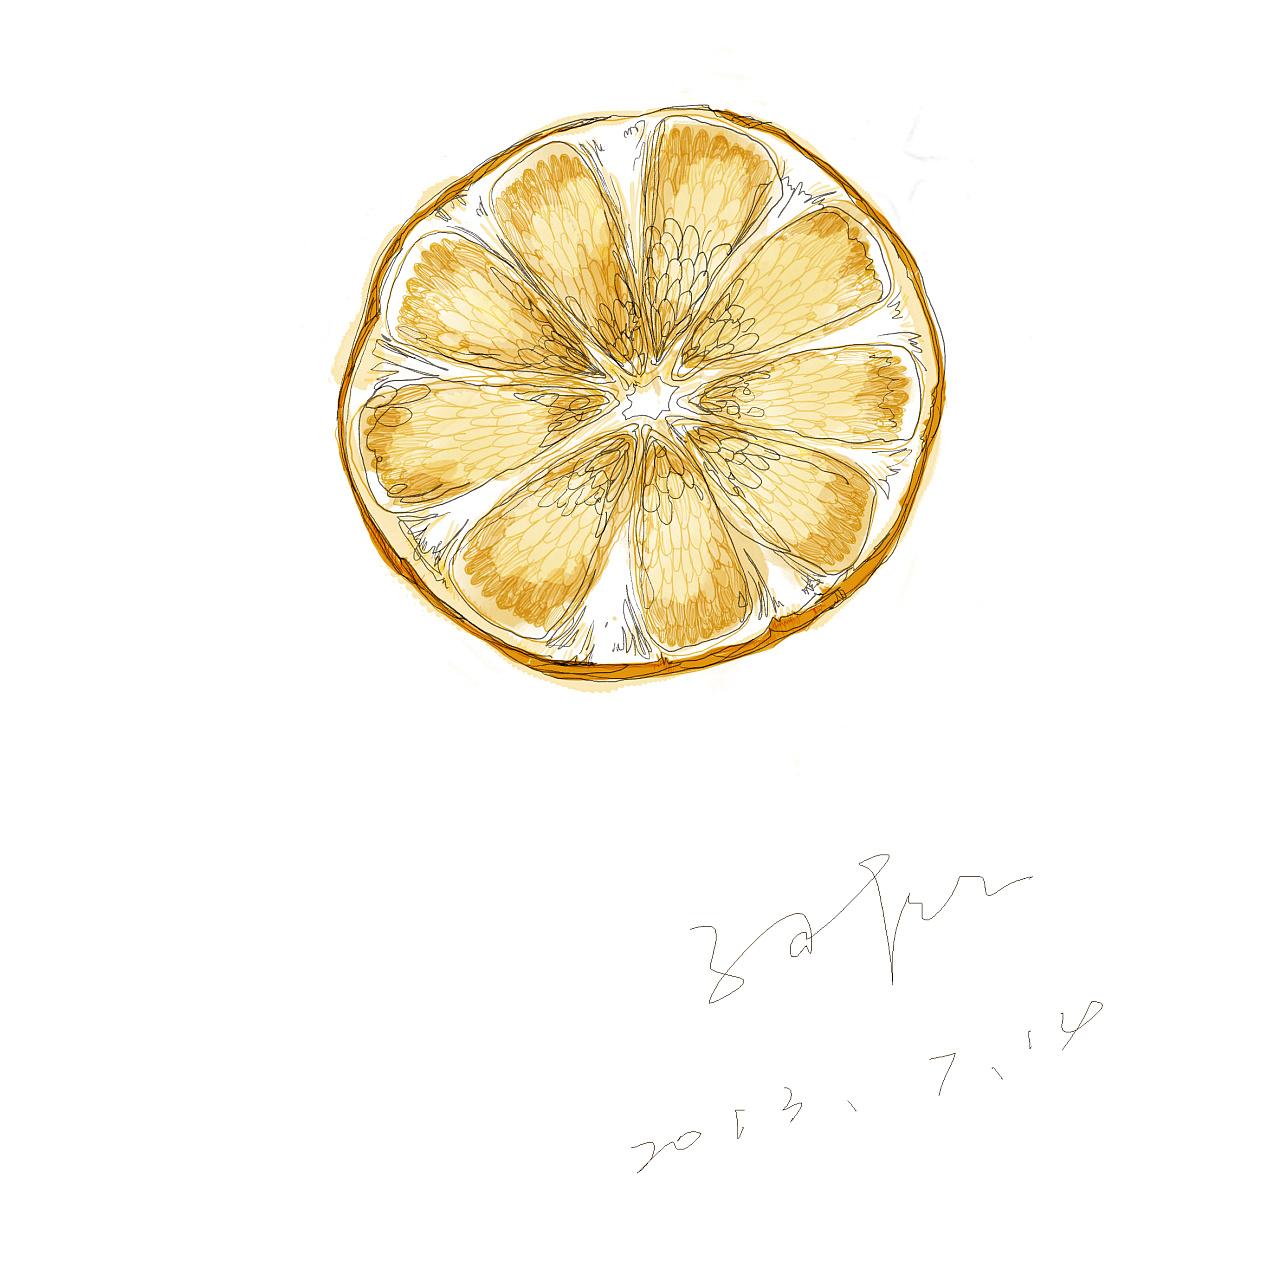 橙子,手绘风格,随笔插画.